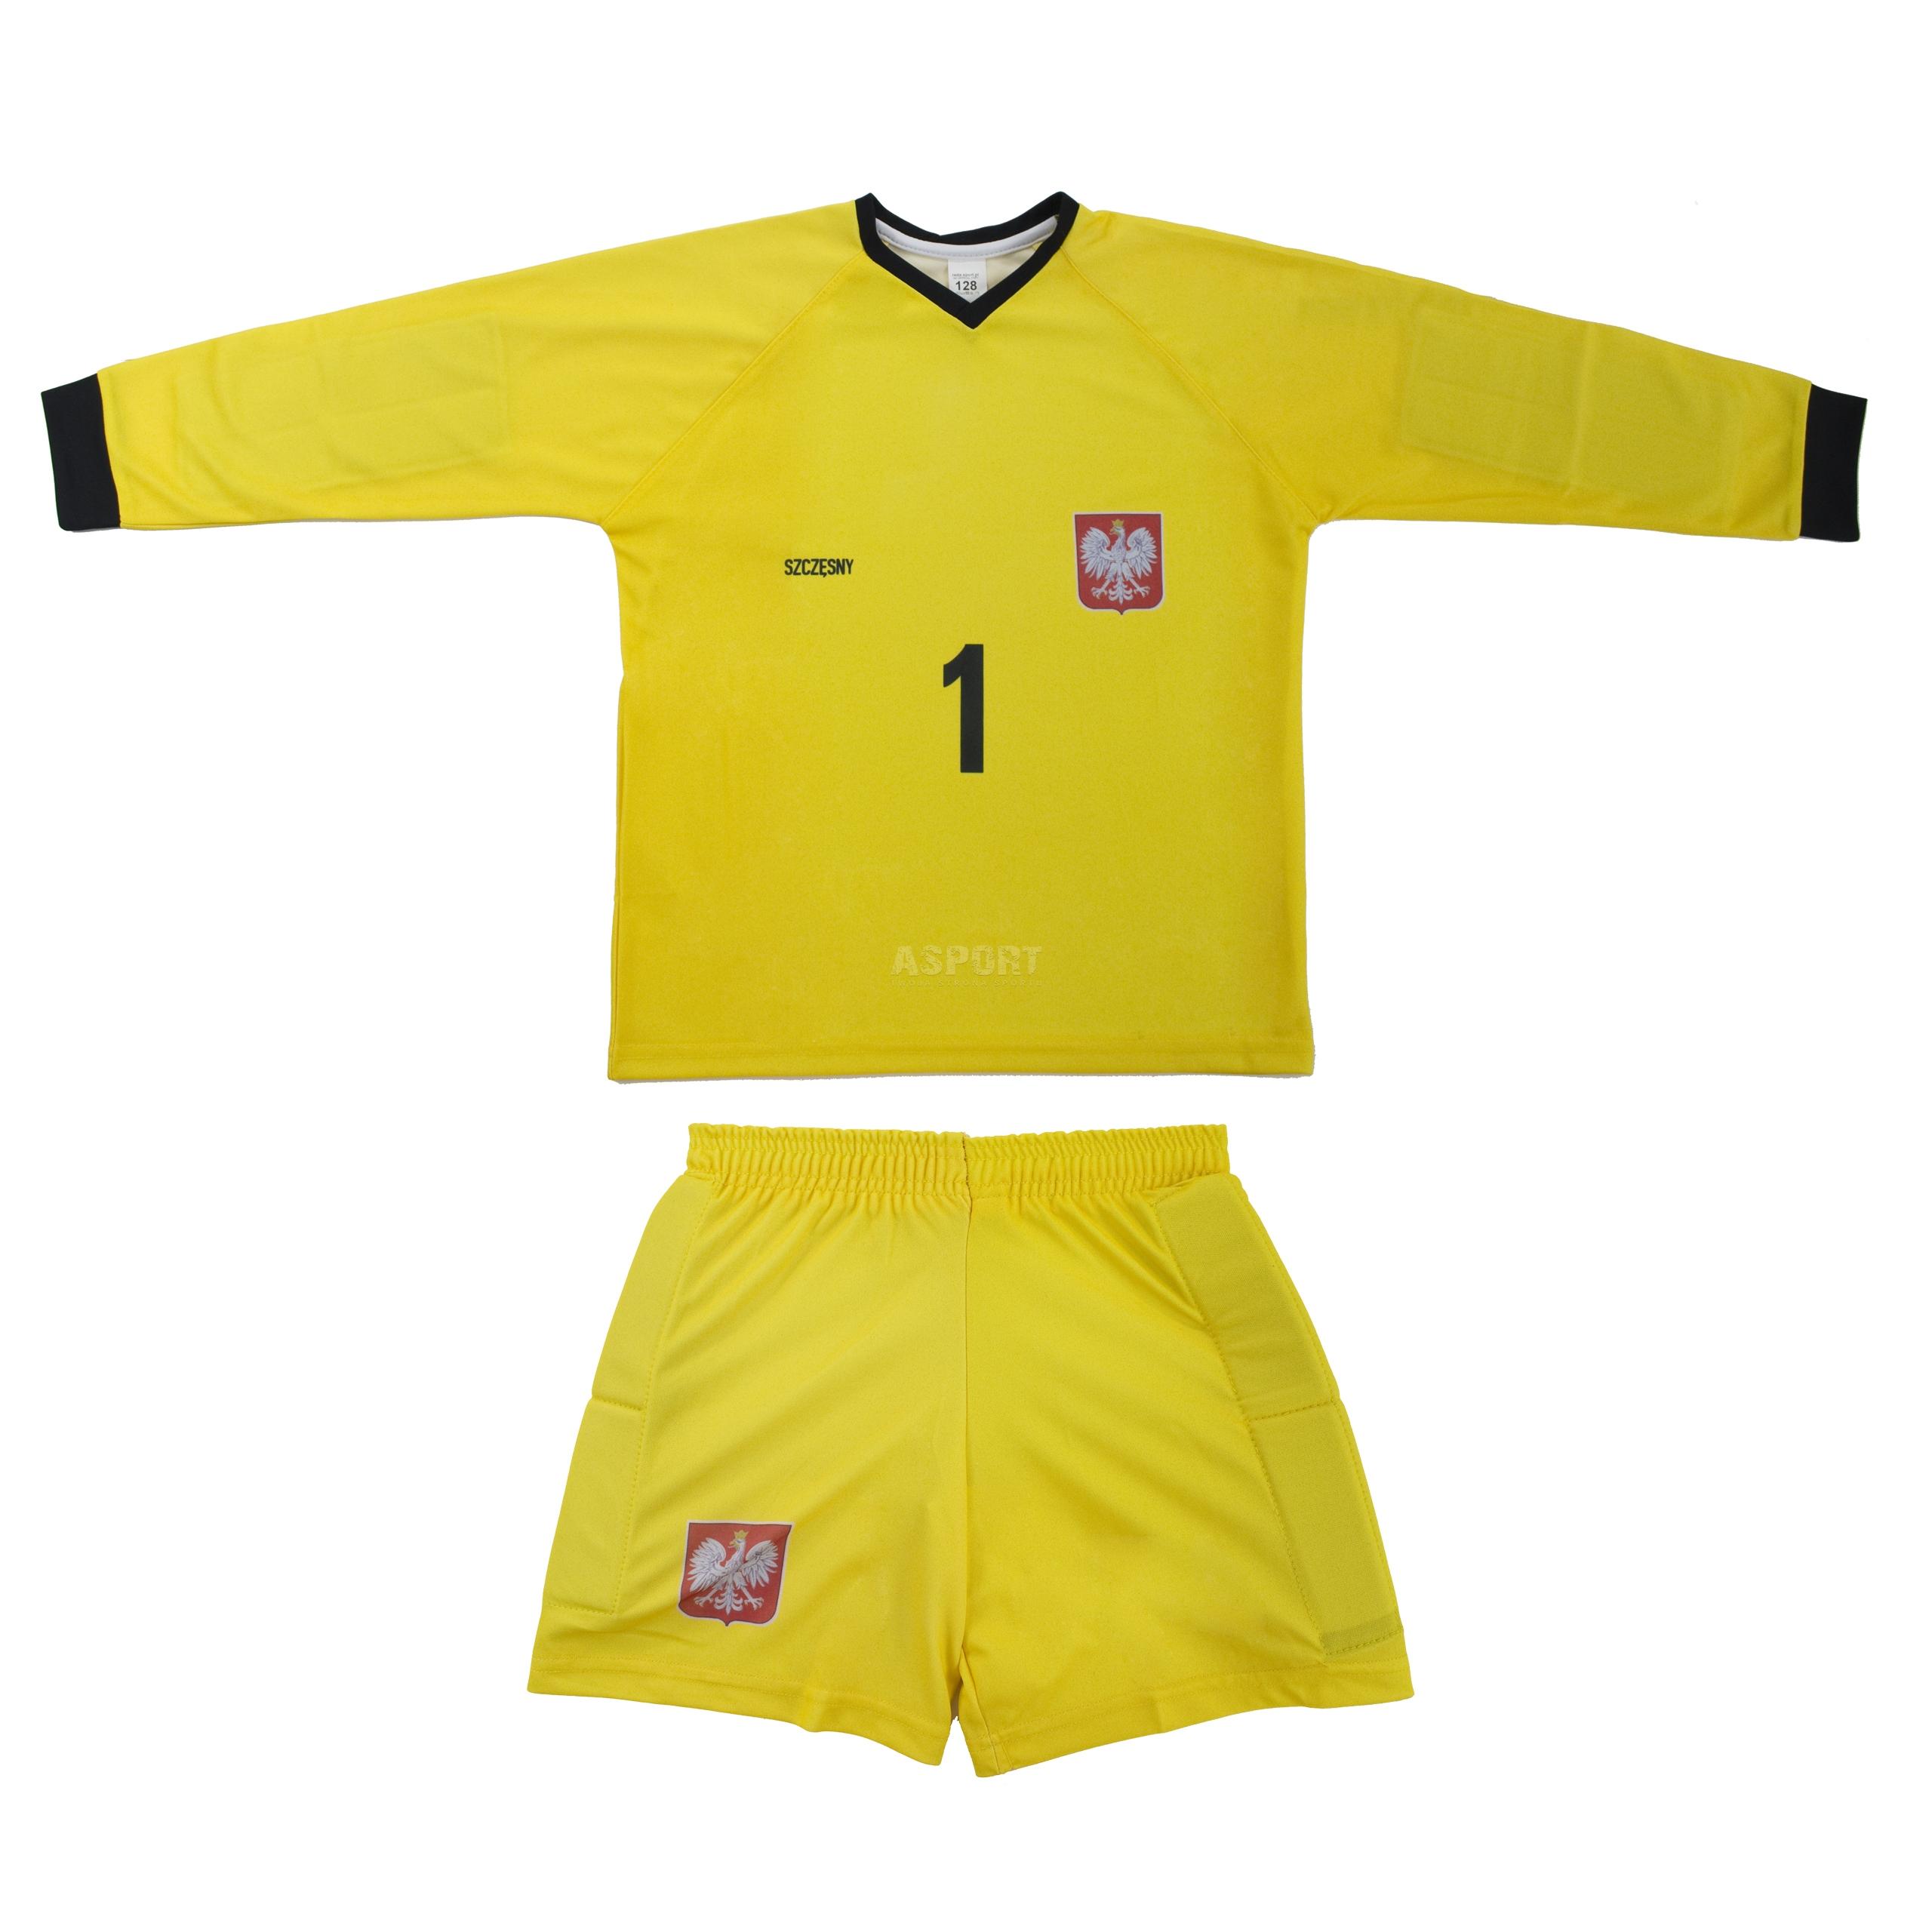 c782d803892e0a Strój piłkarski bramkarski dziecięcy, koszulka + spodenki SZCZĘSNY replika